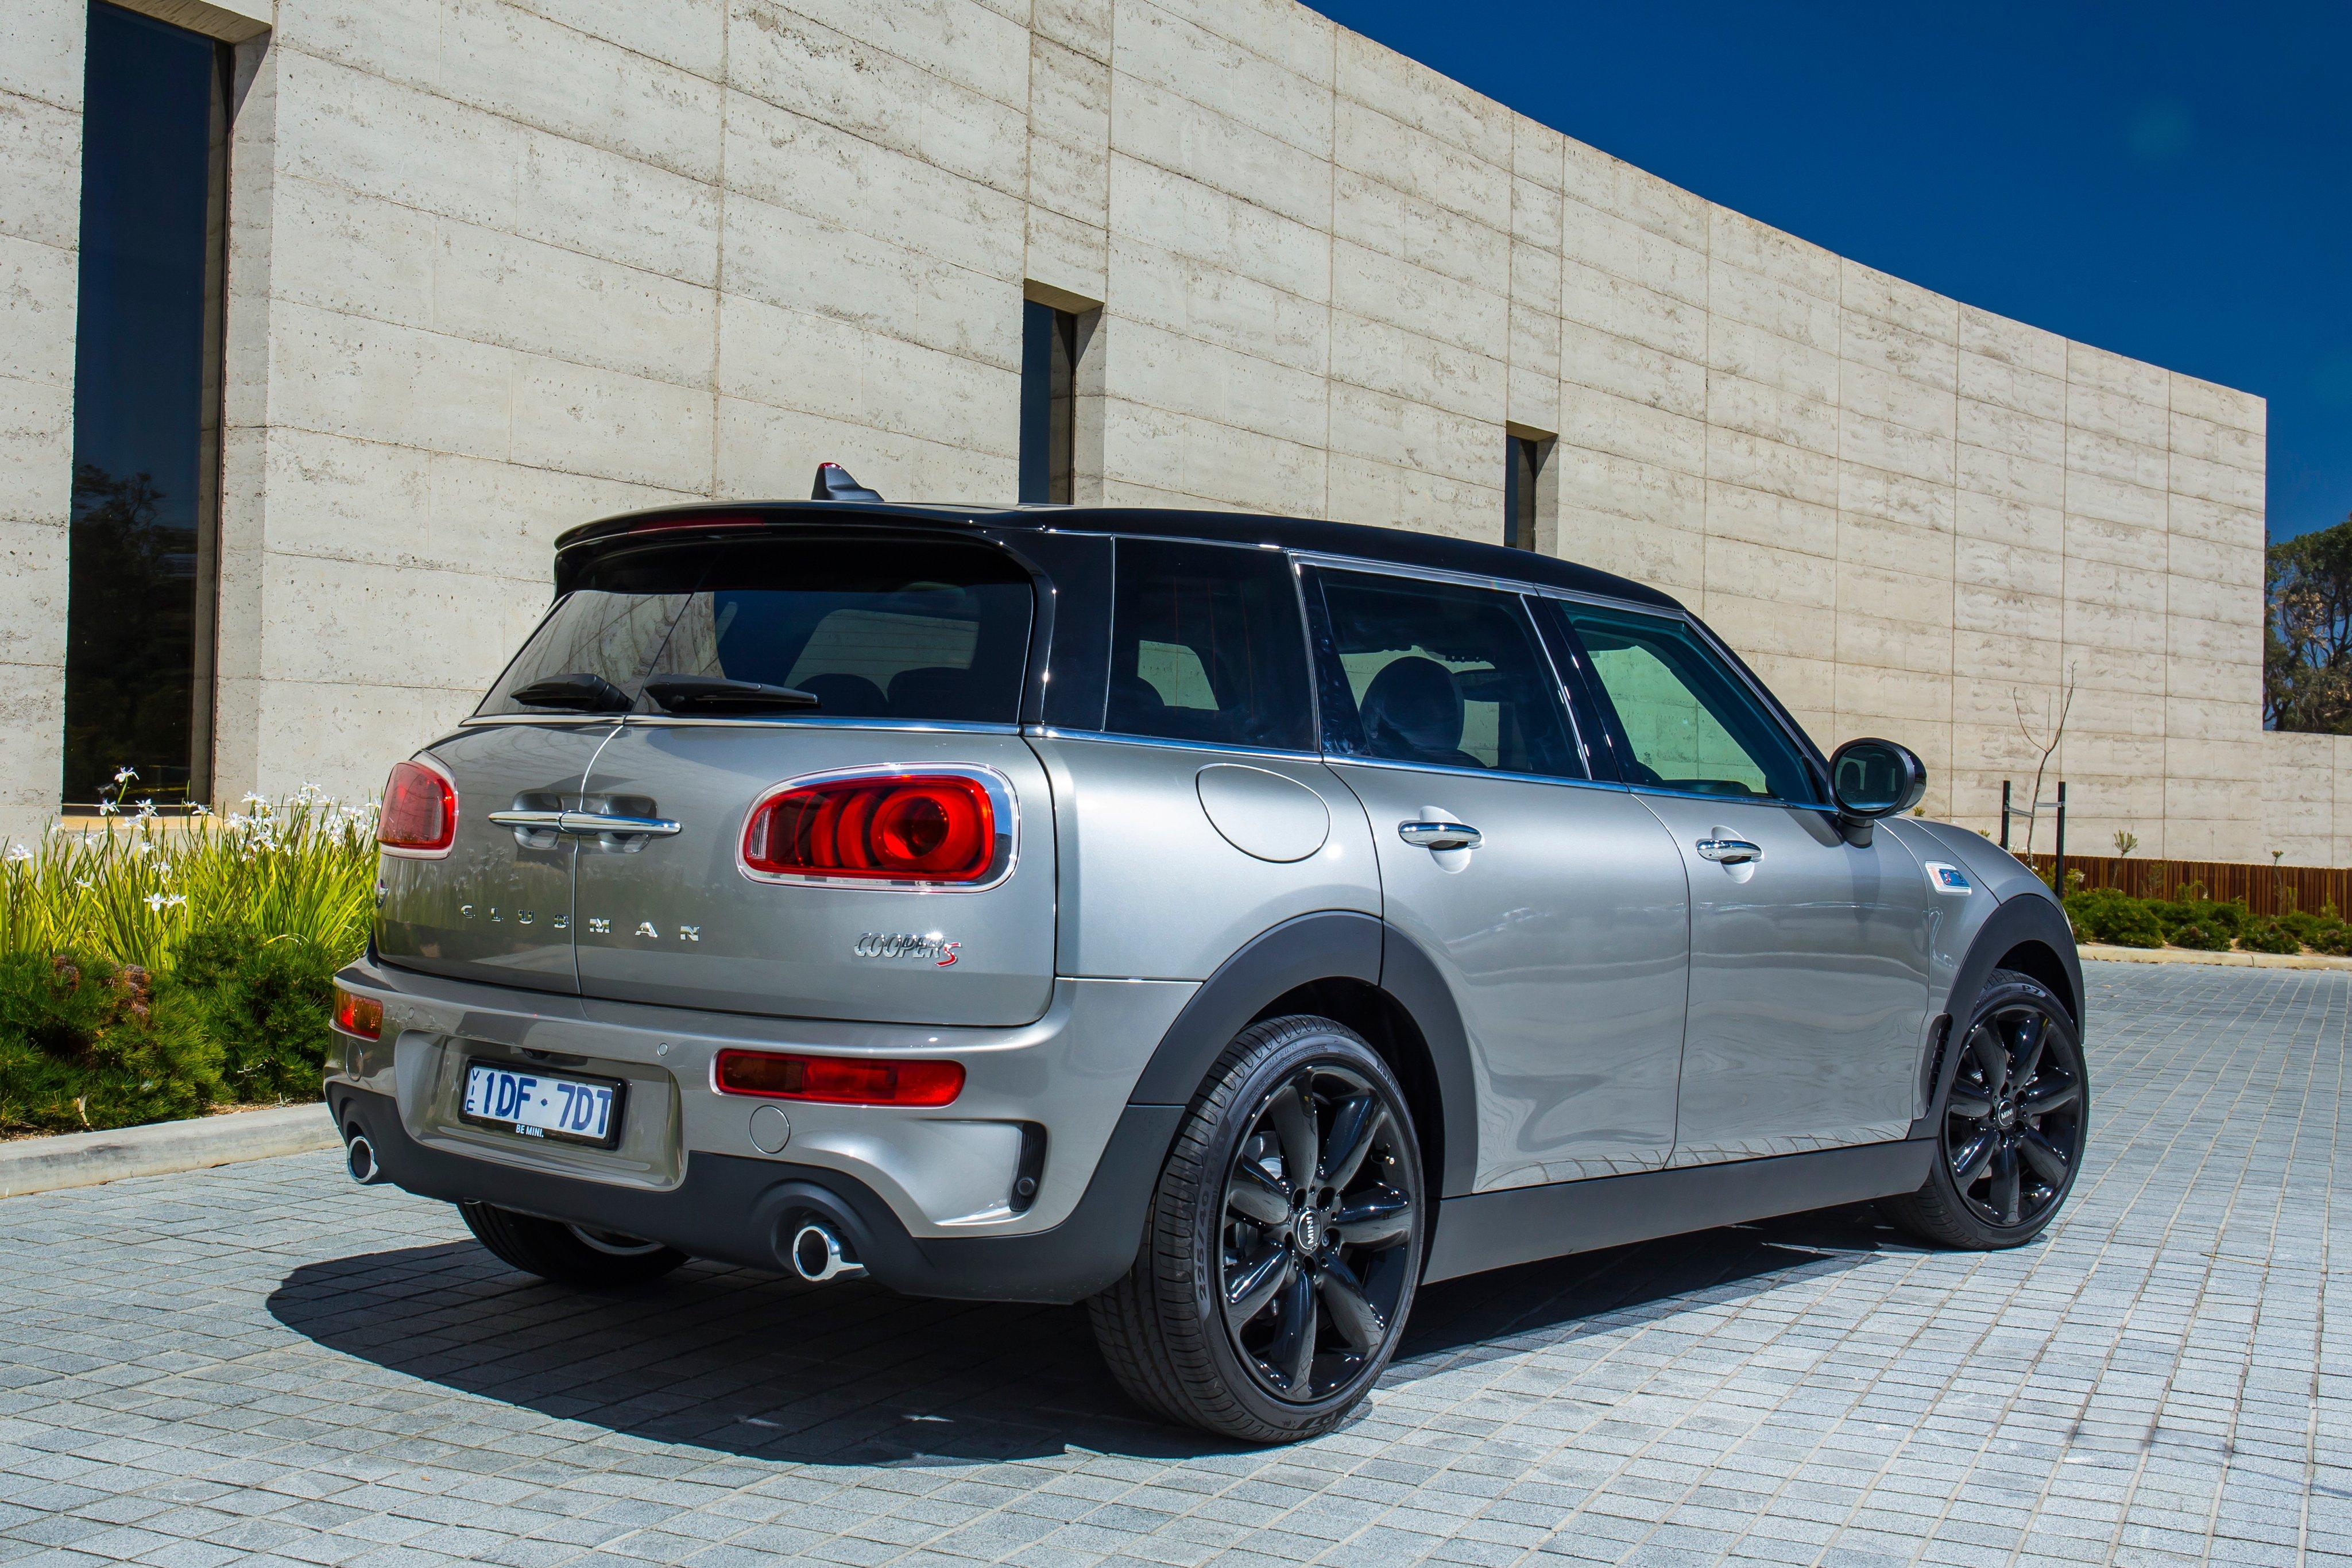 Mini Cooper F54 идеи изображения автомобиля